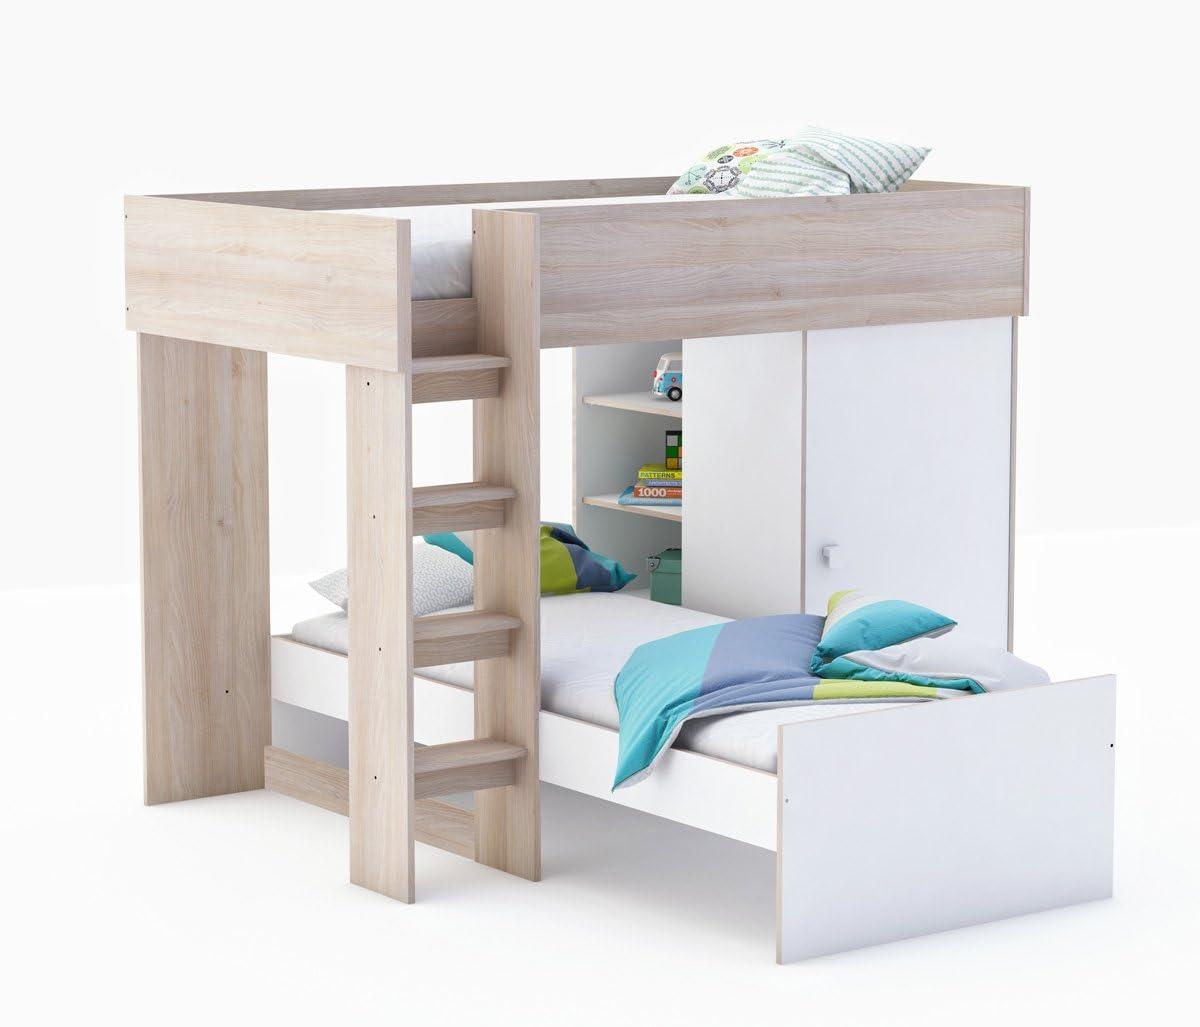 Bilira_Kids Cama litera Combi Lizzy – Color Blanco/Acacia, 90 x 200 cm, 2 Camas Infantil y Juvenil Habitaciones: Amazon.es: Juguetes y juegos